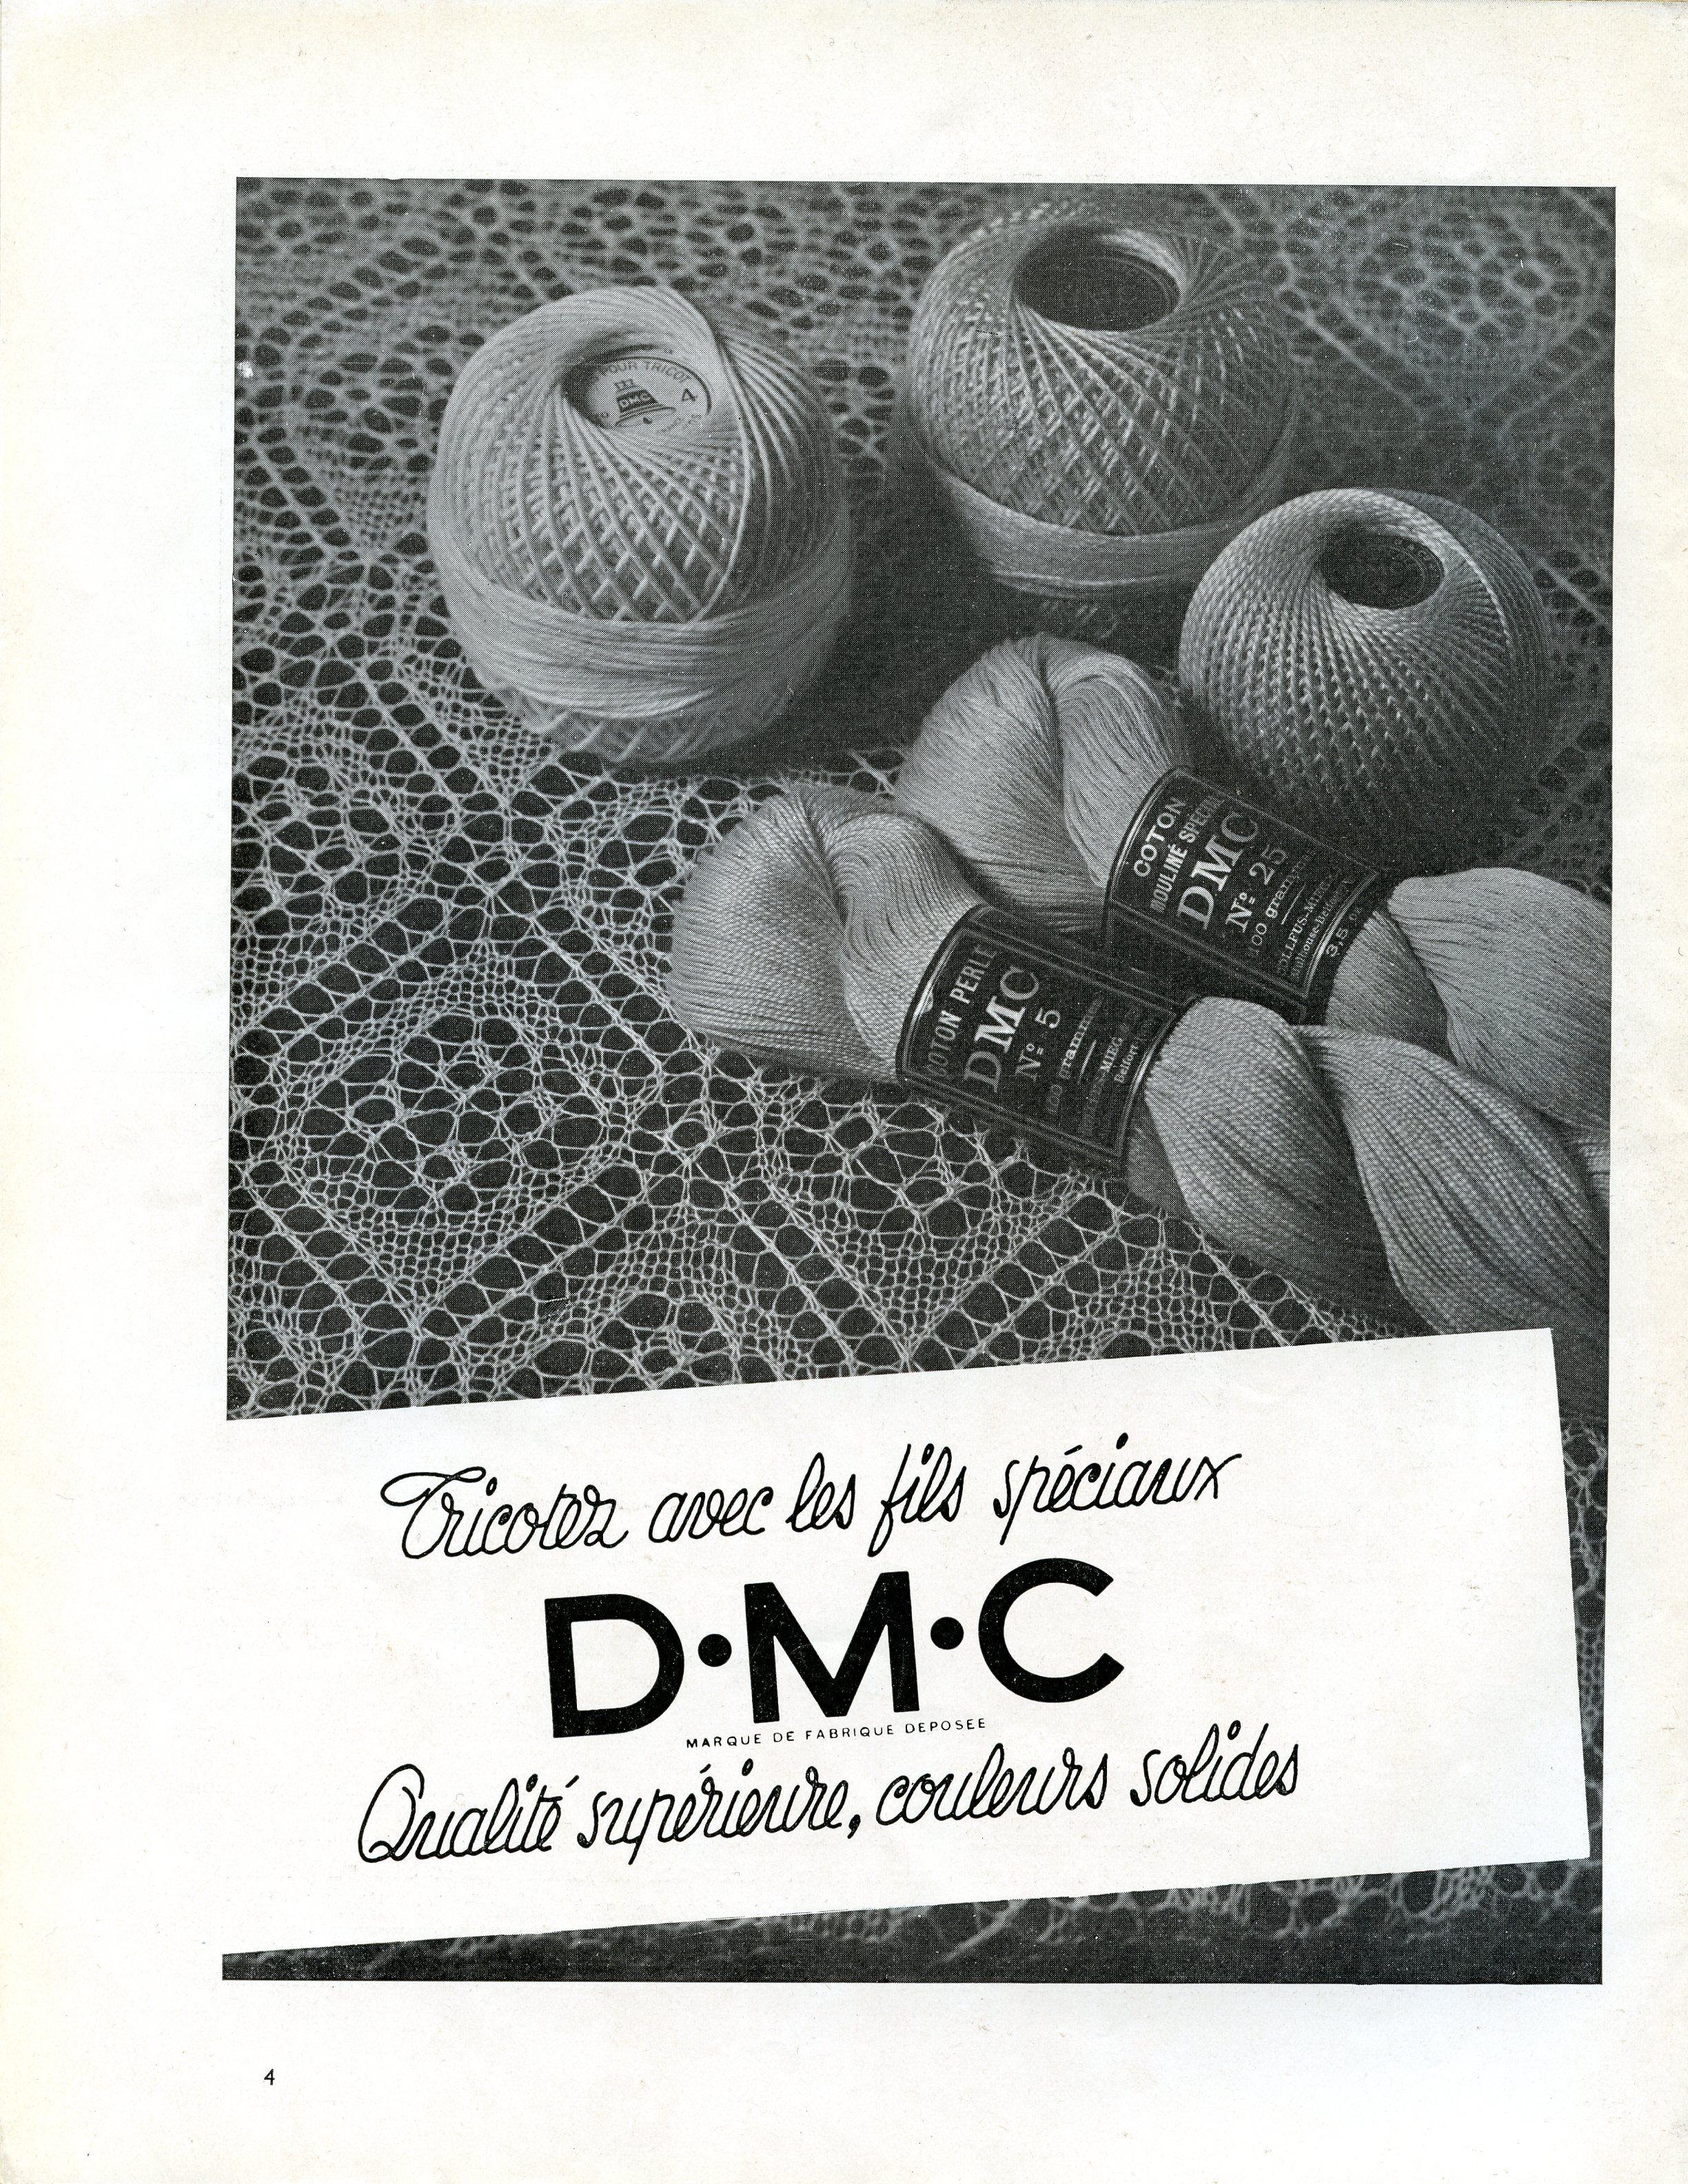 """Magazine """"Jeux d'aiguilles"""" n° 47 - juillet 1938 - Publicité pour les """"fils spéciaux DMC"""" (moulinés, perlés...)."""